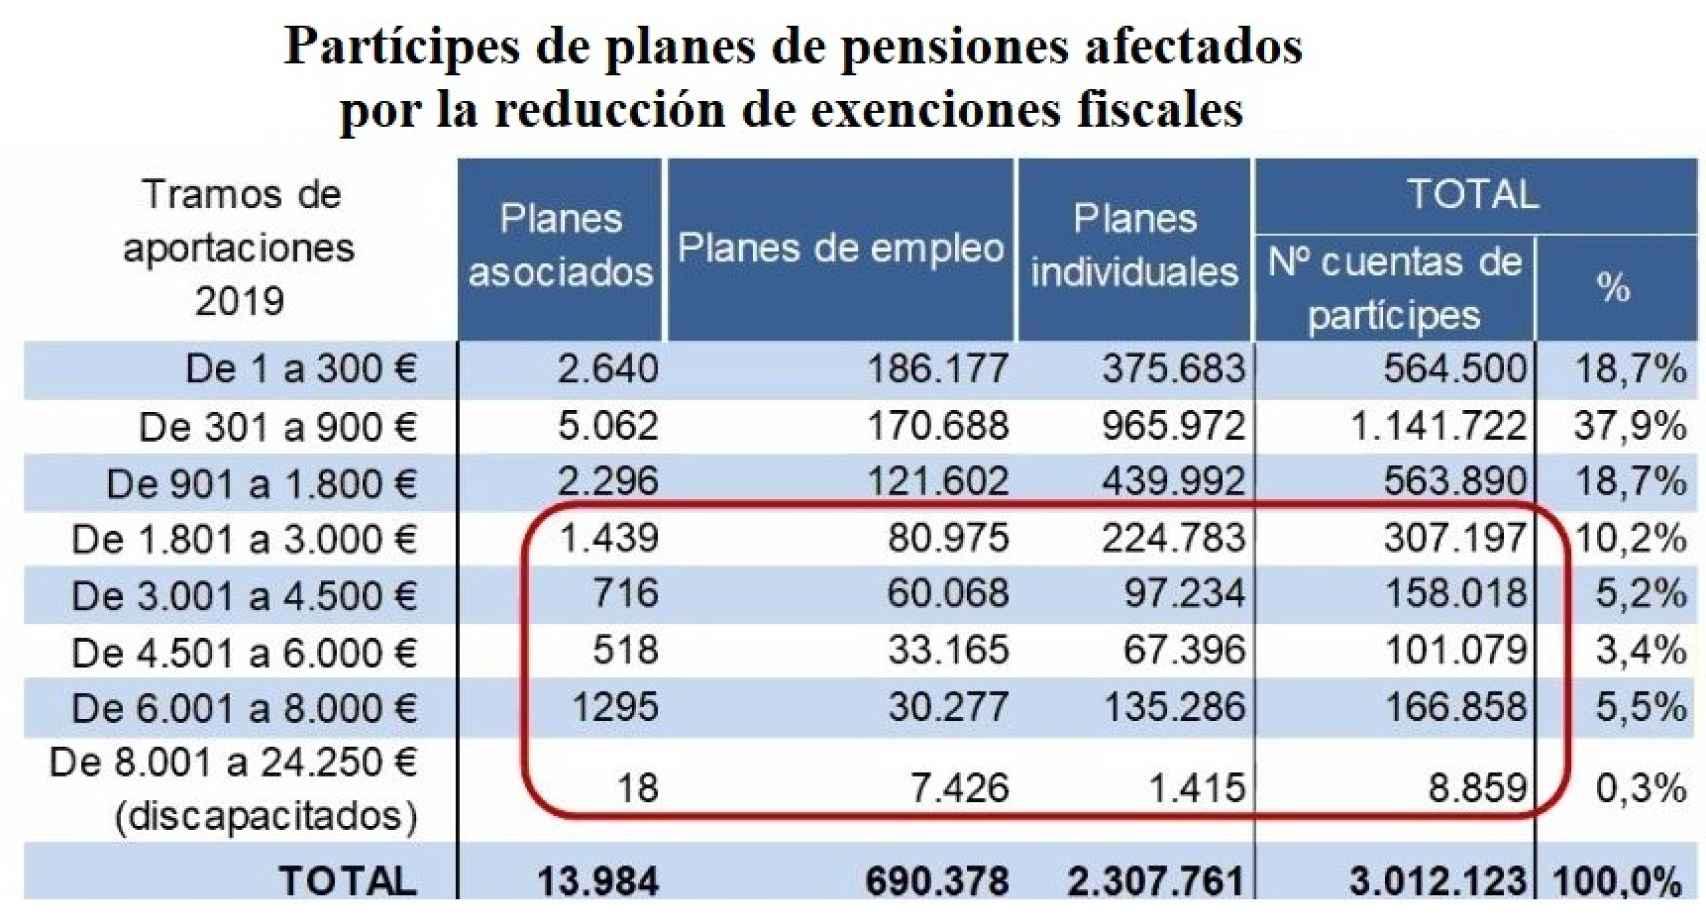 Potencial impacto del cambio fiscal en planes de pensiones.